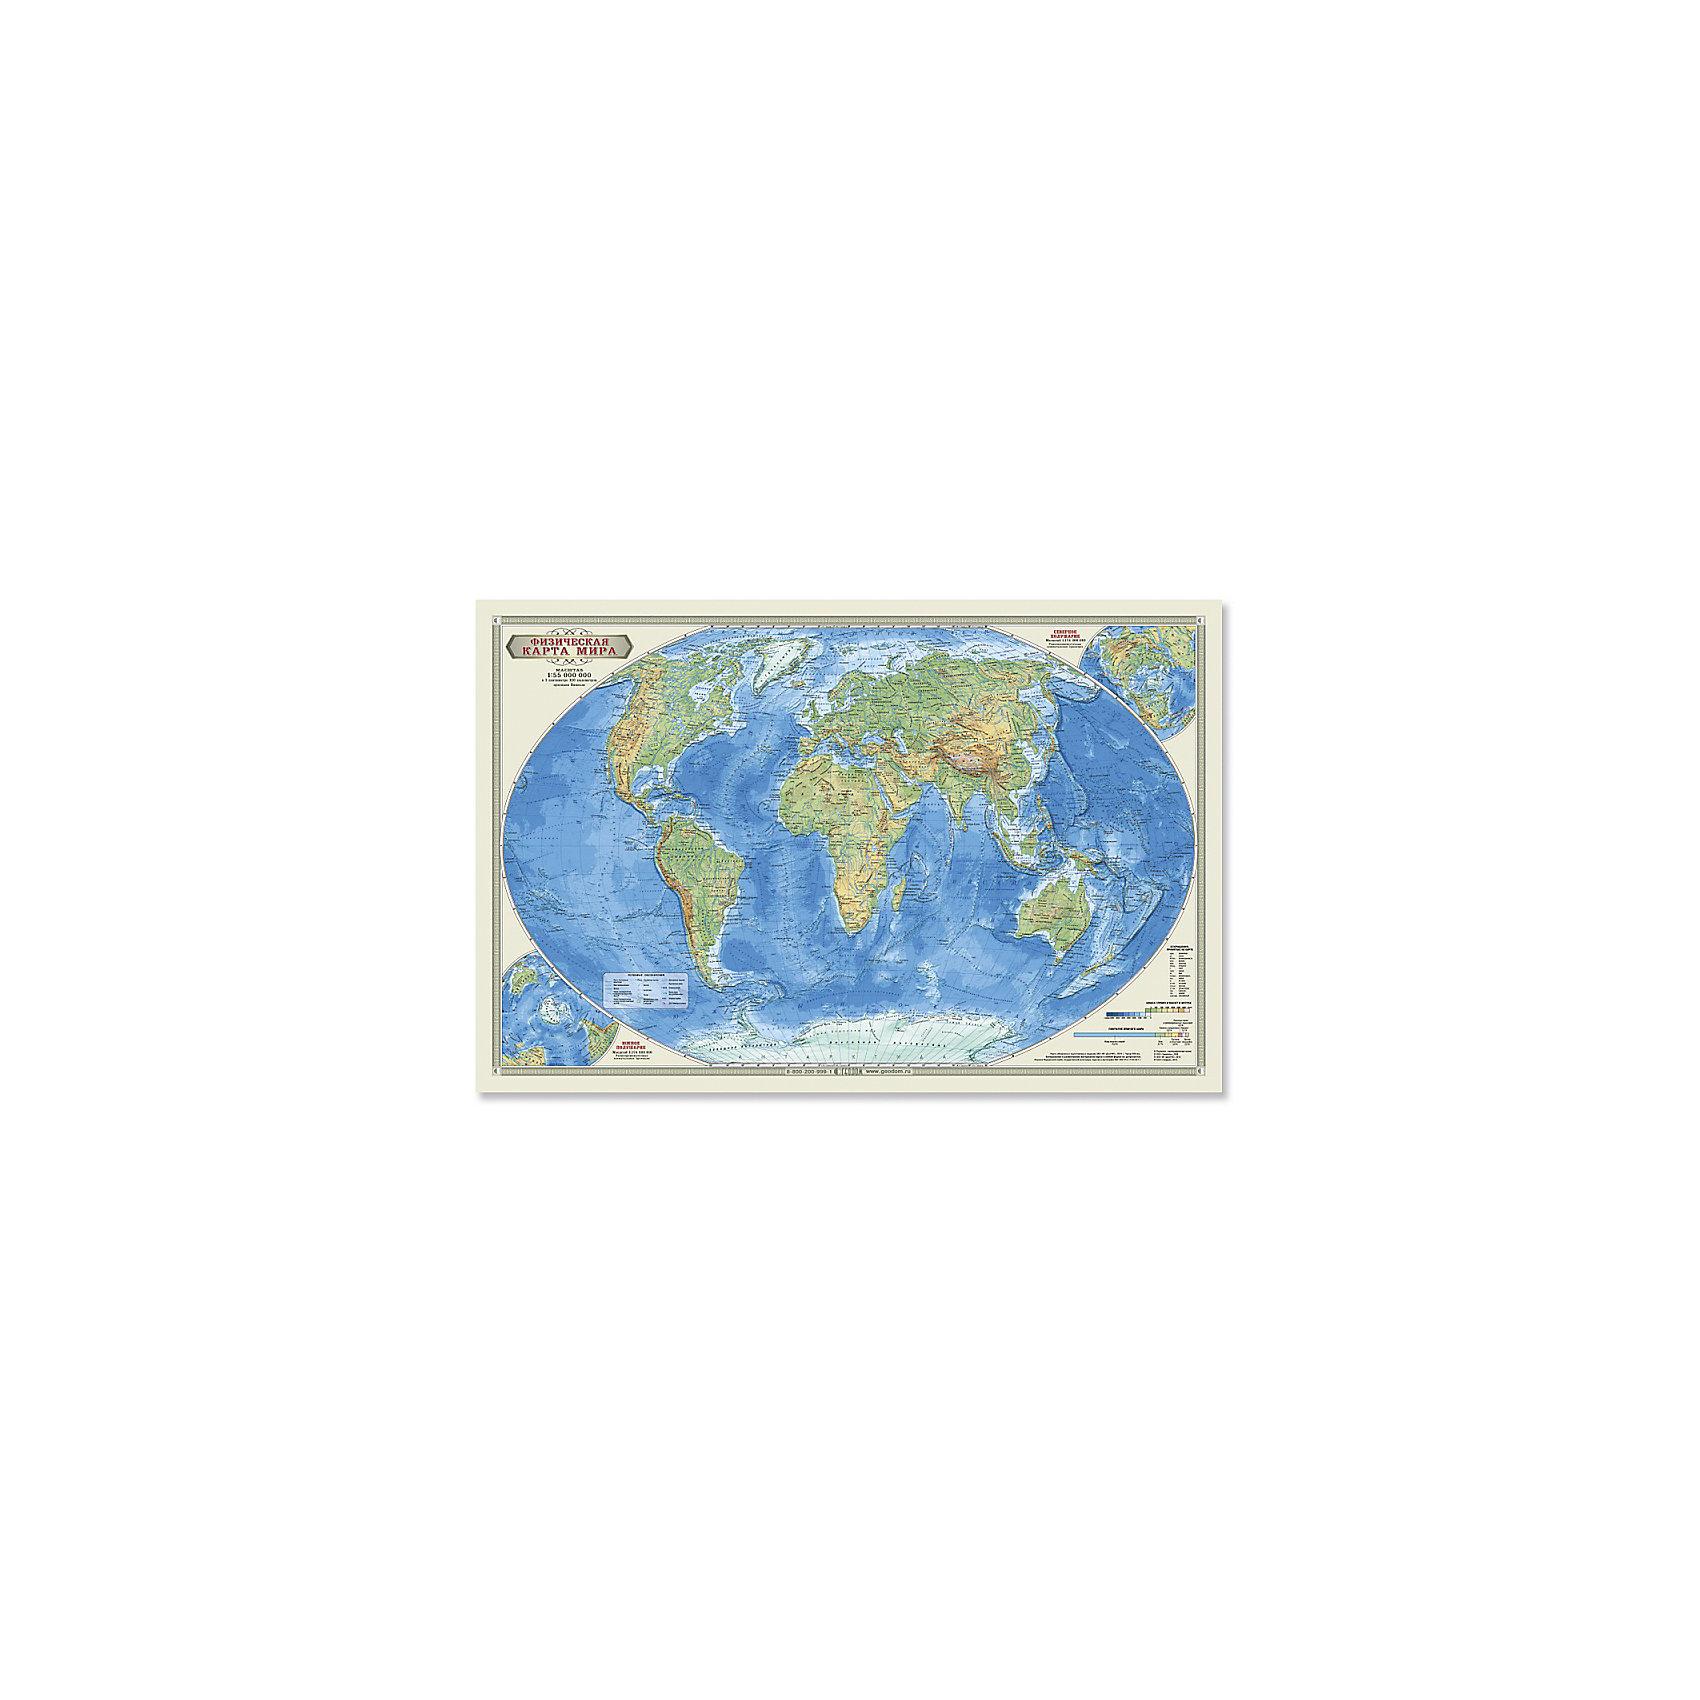 Настольная карта Мир Физический М1:55 млн, 58*38 см, ламинированнаяАтласы и карты<br>Характеристики товара:<br><br>• материал: ламинированная бумага<br>• возраст: от 3 лет<br>• габариты карты: 58х38х0,1 см<br>• вес: 130 г<br>• страна производитель: Россия<br><br>Физическая карта мира передает внешний облик суши и акваторий всей планеты в обзорном масштабе.  На карте подробно отражены рельеф и гидрография, а также пески, солончаки, болота, вулканы, коралловые рифы, материковые льды и вечные снега, шельфовые ледники. Показаны значимые населённые пункты. Даны карты-врезки Северного и Южного полушарий, карта использования земель. Карта выполнена на плотной бумаге с капсульной ламинацией.<br><br>Настенную карту Мир Физический М1:55 млн, 58*38 см, ламинированную можно купить в нашем интернет-магазине.<br><br>Ширина мм: 580<br>Глубина мм: 380<br>Высота мм: 1<br>Вес г: 100<br>Возраст от месяцев: 36<br>Возраст до месяцев: 2147483647<br>Пол: Унисекс<br>Возраст: Детский<br>SKU: 5422953